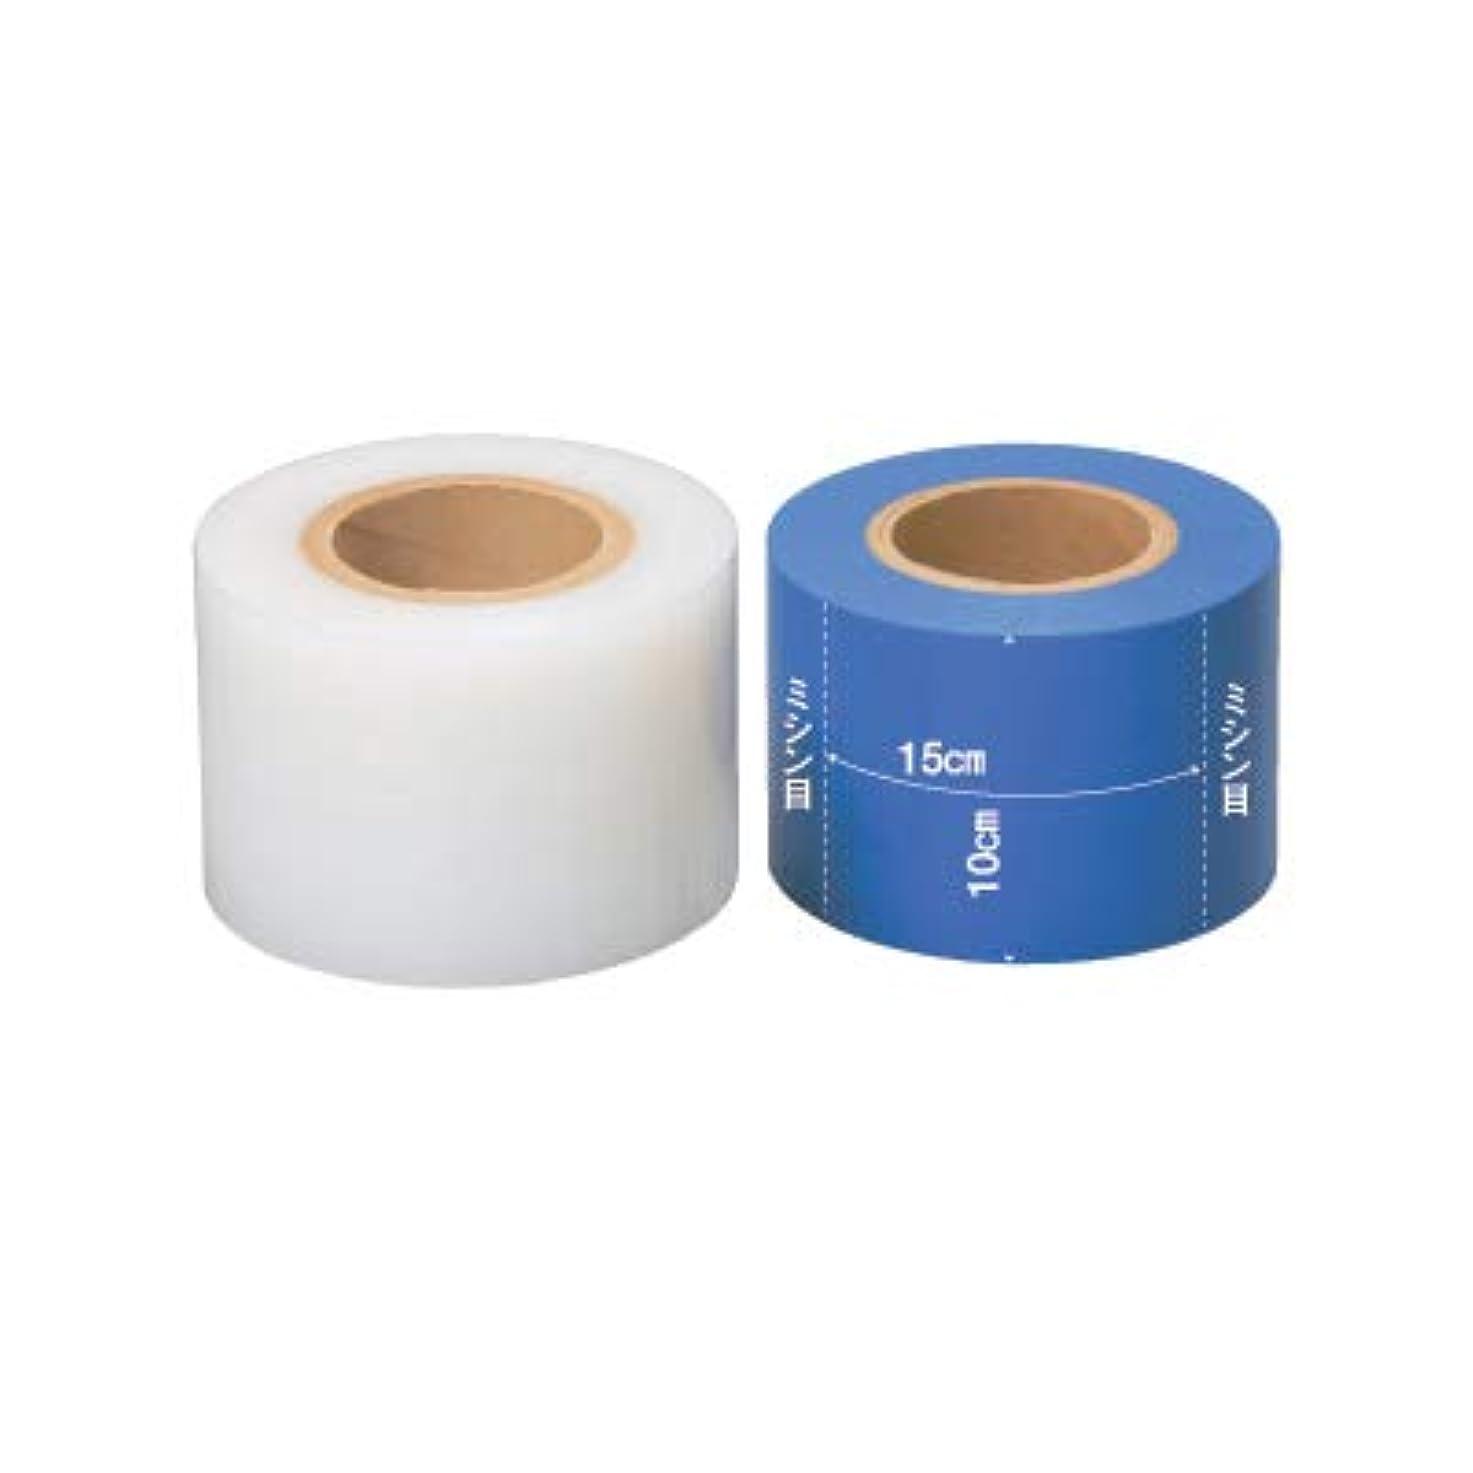 偏心勧める母性(ロータス)LOTUS バリアフィルムテープ 10cm×180m (保護用テープ ミシン目あり) (透明)